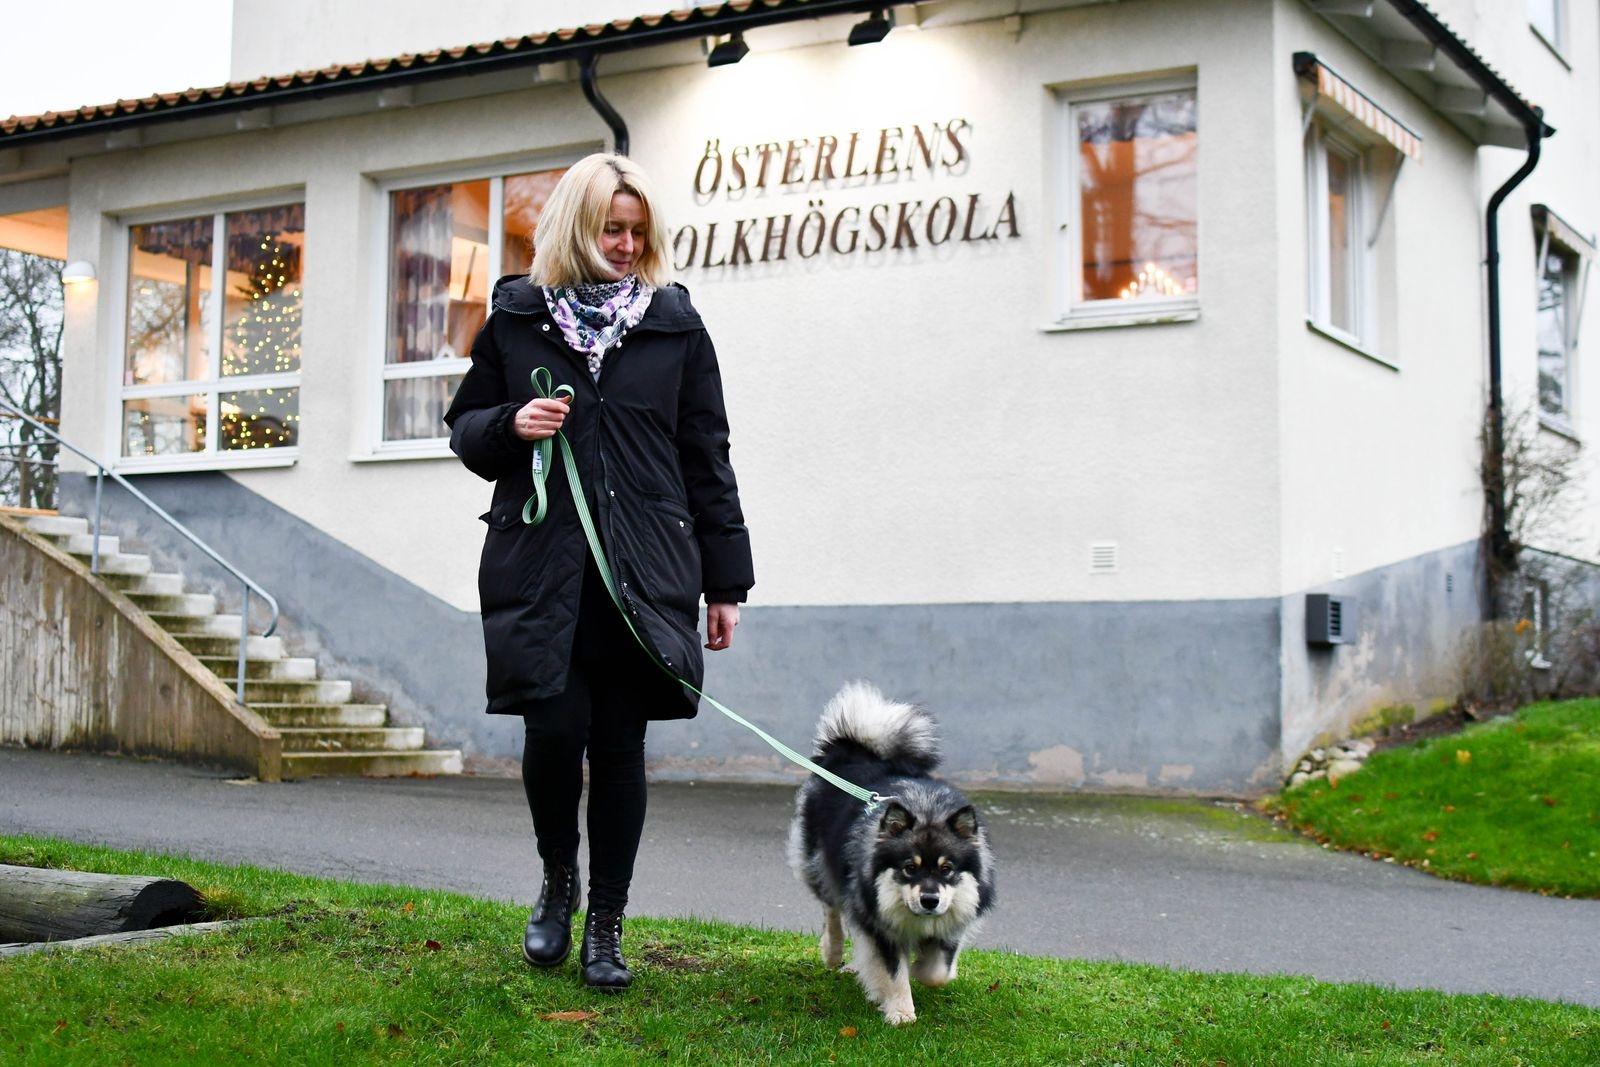 Utvalda dagar har Helena Bengtsson sällskap i jobbet som kurator på Österlens folkhögskola av finska lapphunden Eila, 1,5 år gammal. Eila har nyligen inlett sin praktikperiod i utbildningen till tearpihund.